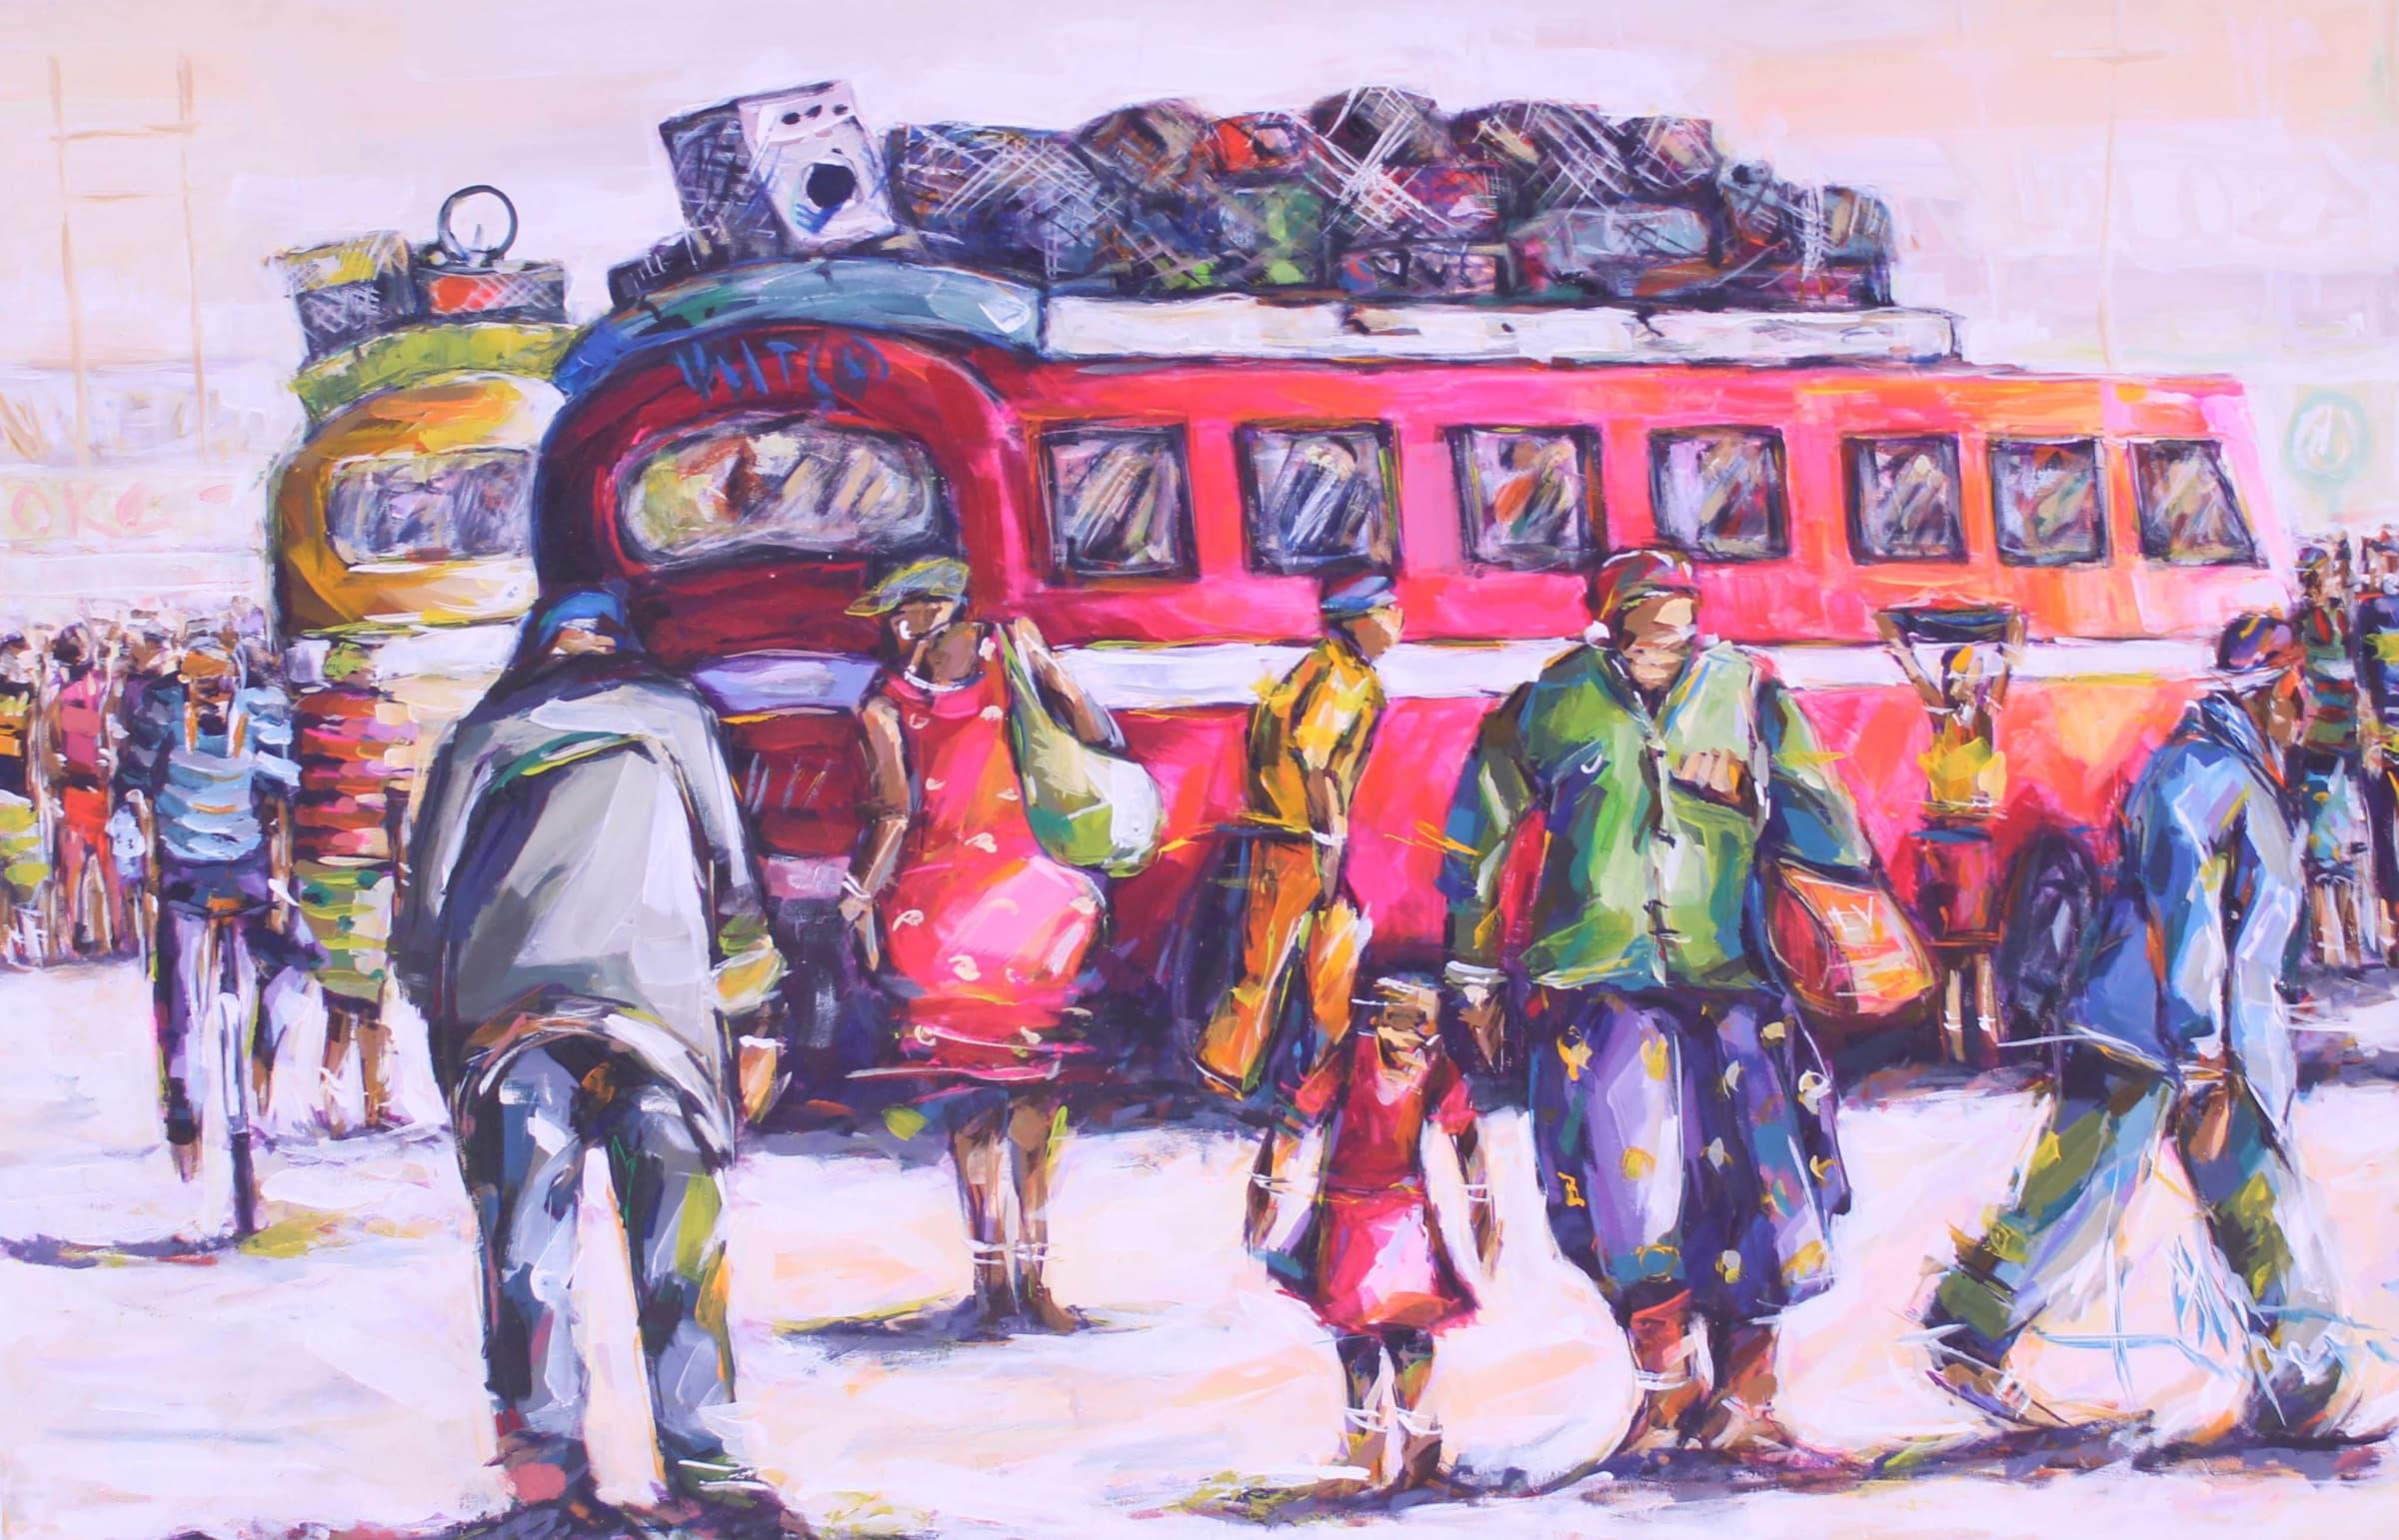 <span class=&#34;link fancybox-details-link&#34;><a href=&#34;/artworks/990-allen-kupeta-pink-bus-2015/&#34;>View Detail Page</a></span><div class=&#34;artist&#34;><strong>Allen Kupeta</strong></div> <div class=&#34;title&#34;><em>Pink Bus </em>, 2015</div> <div class=&#34;medium&#34;>Acrylic on Canvas </div> <div class=&#34;dimensions&#34;>90cm x 140cm</div><div class=&#34;price&#34;>R15,000.00</div>